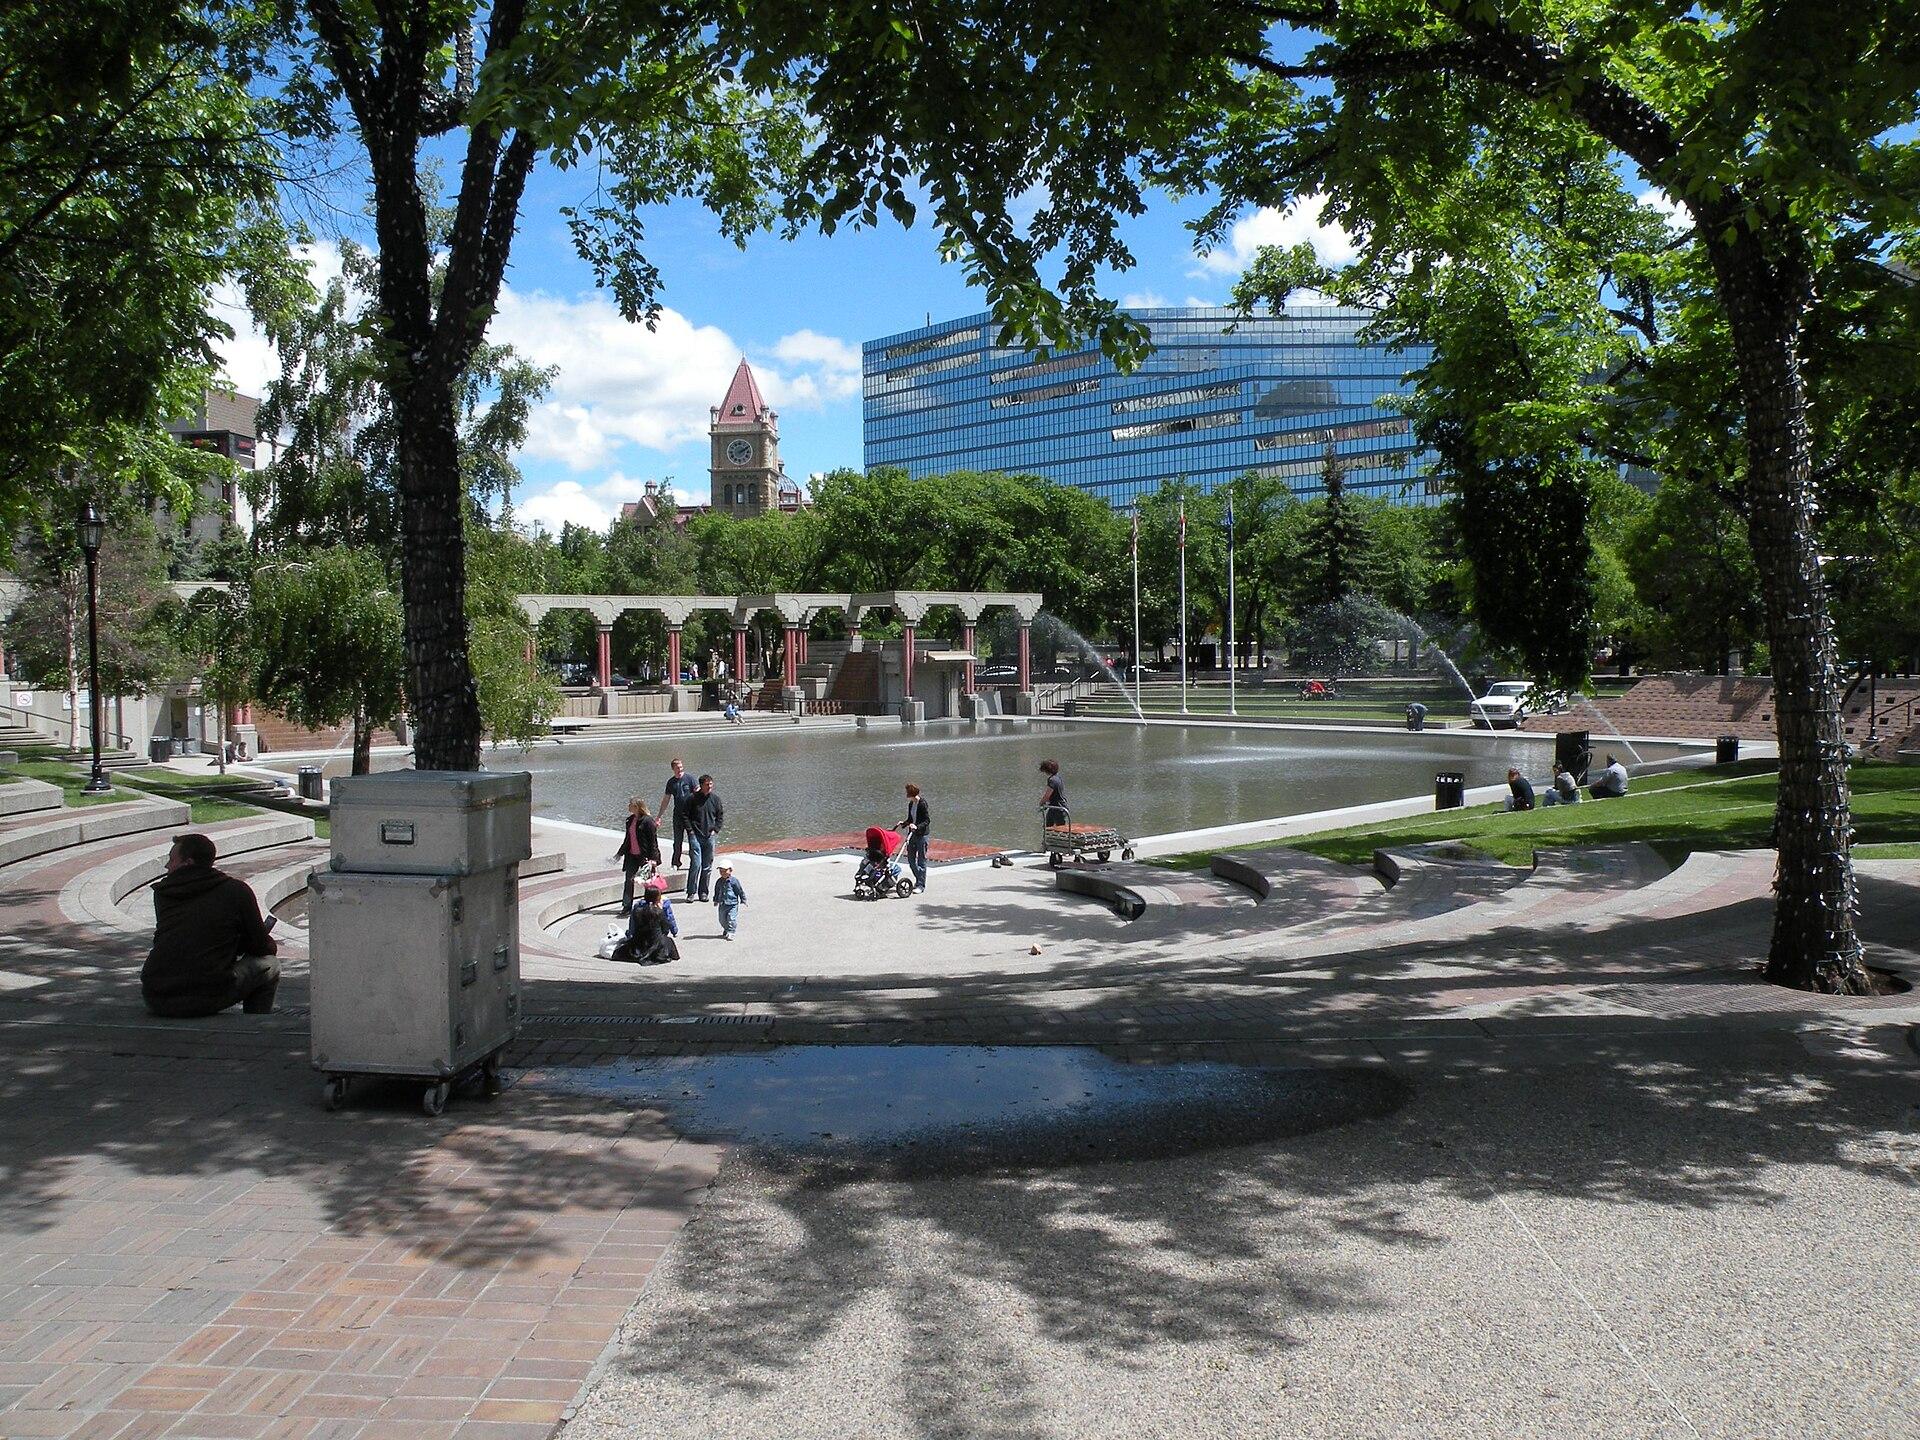 Olympic Plaza Calgary Wikipedia